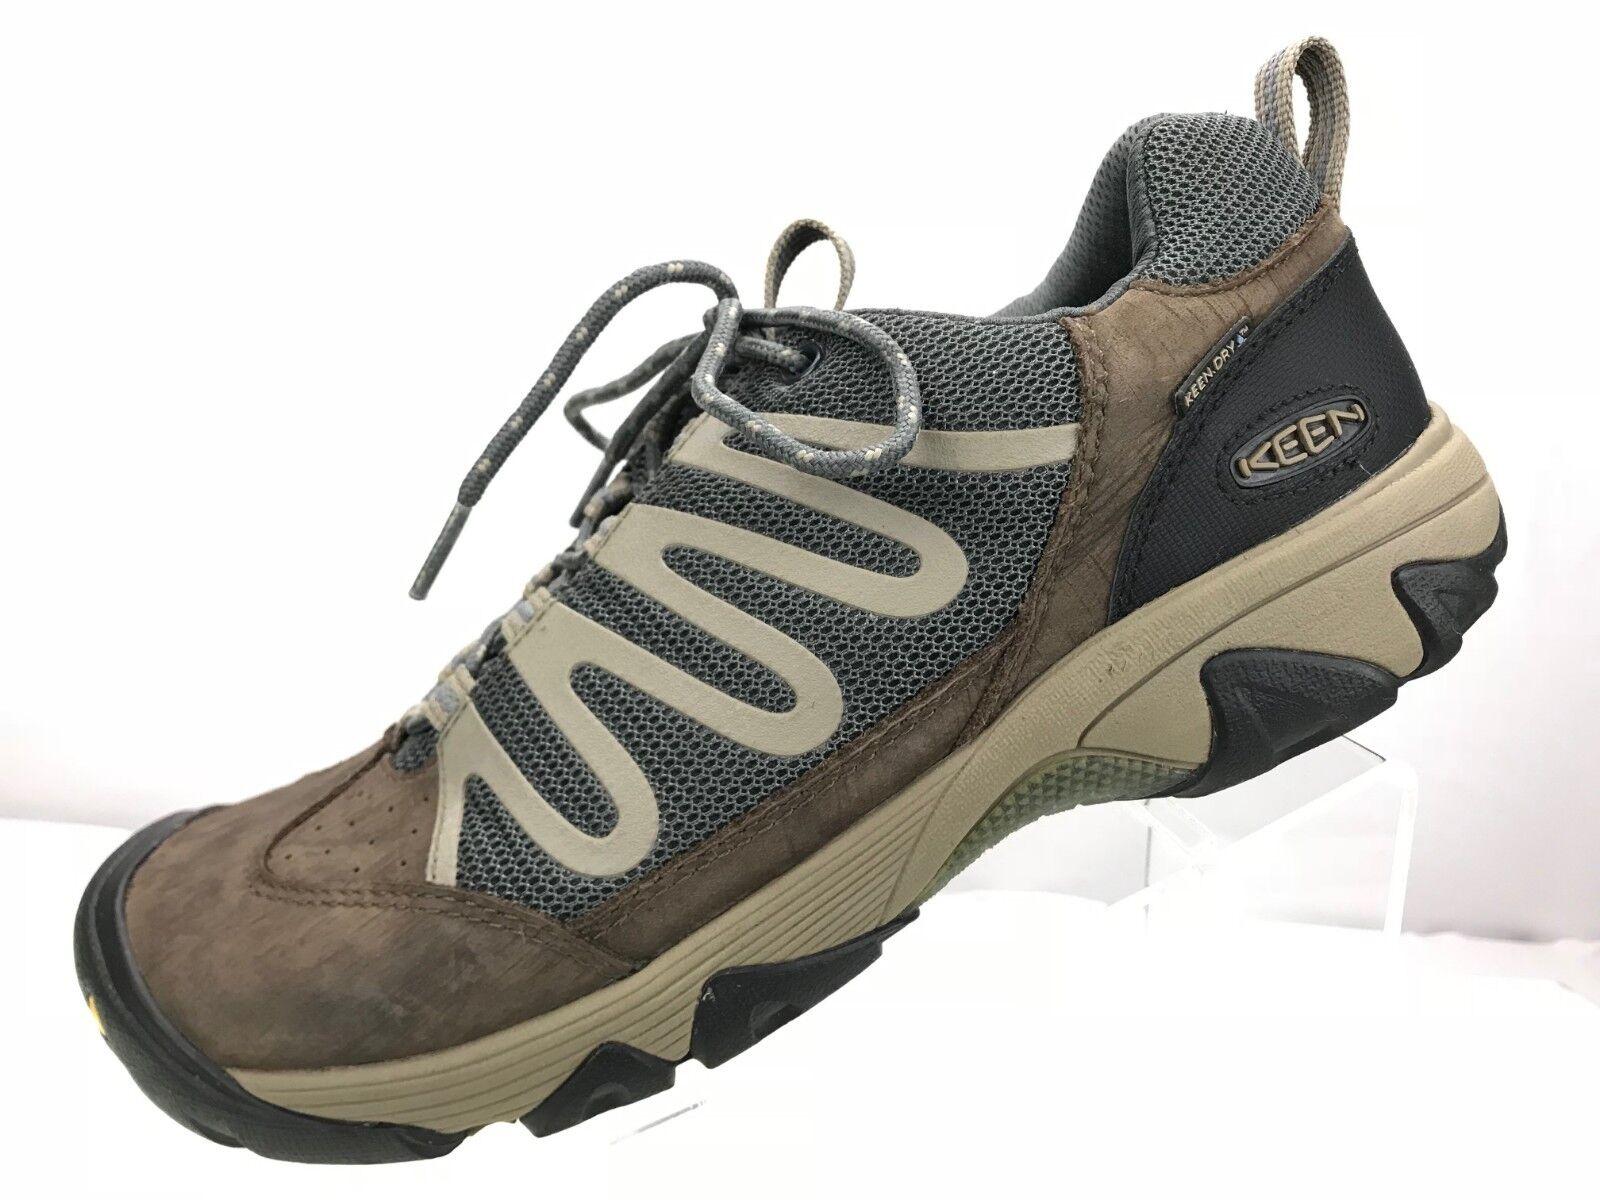 Keen Verdi WaterProof  Walking Hiking Strolling Sneakers Mens 10 Brown Grey  100% price guarantee